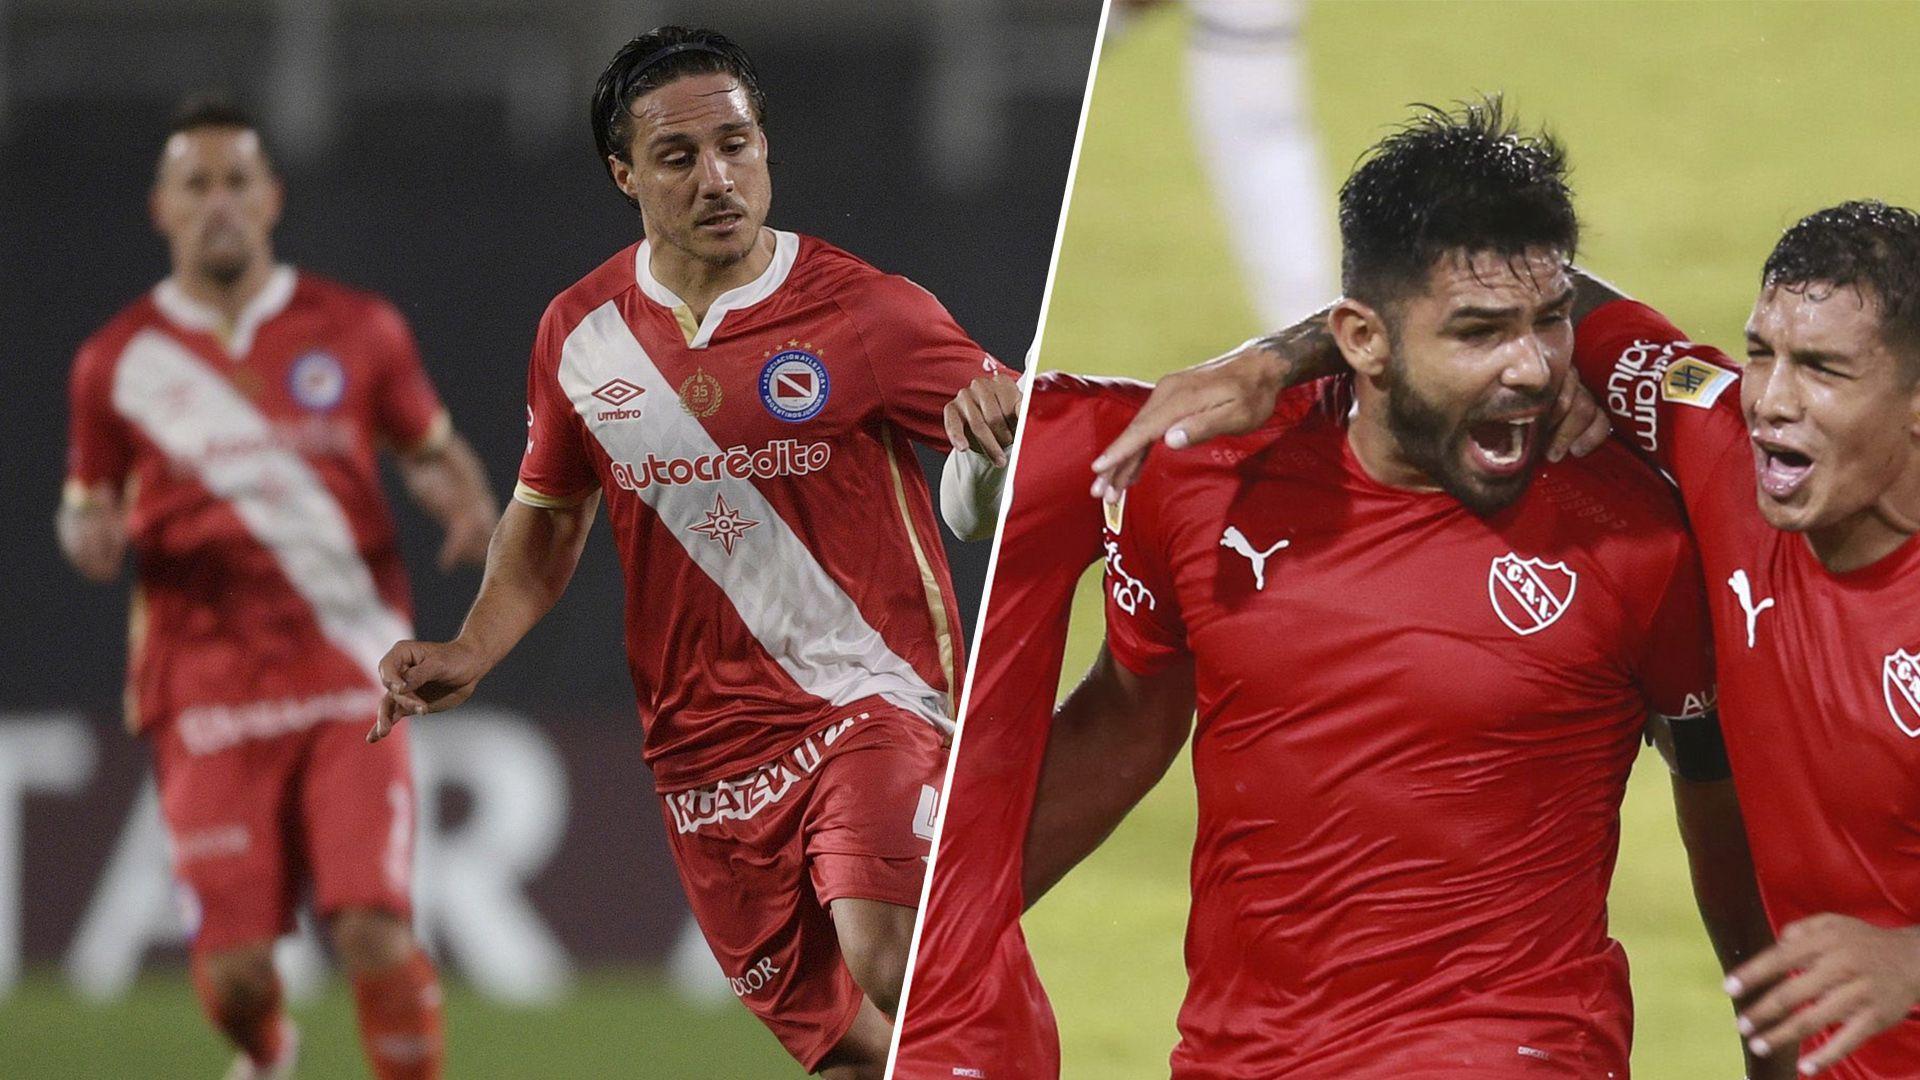 Independiente - Argentinos